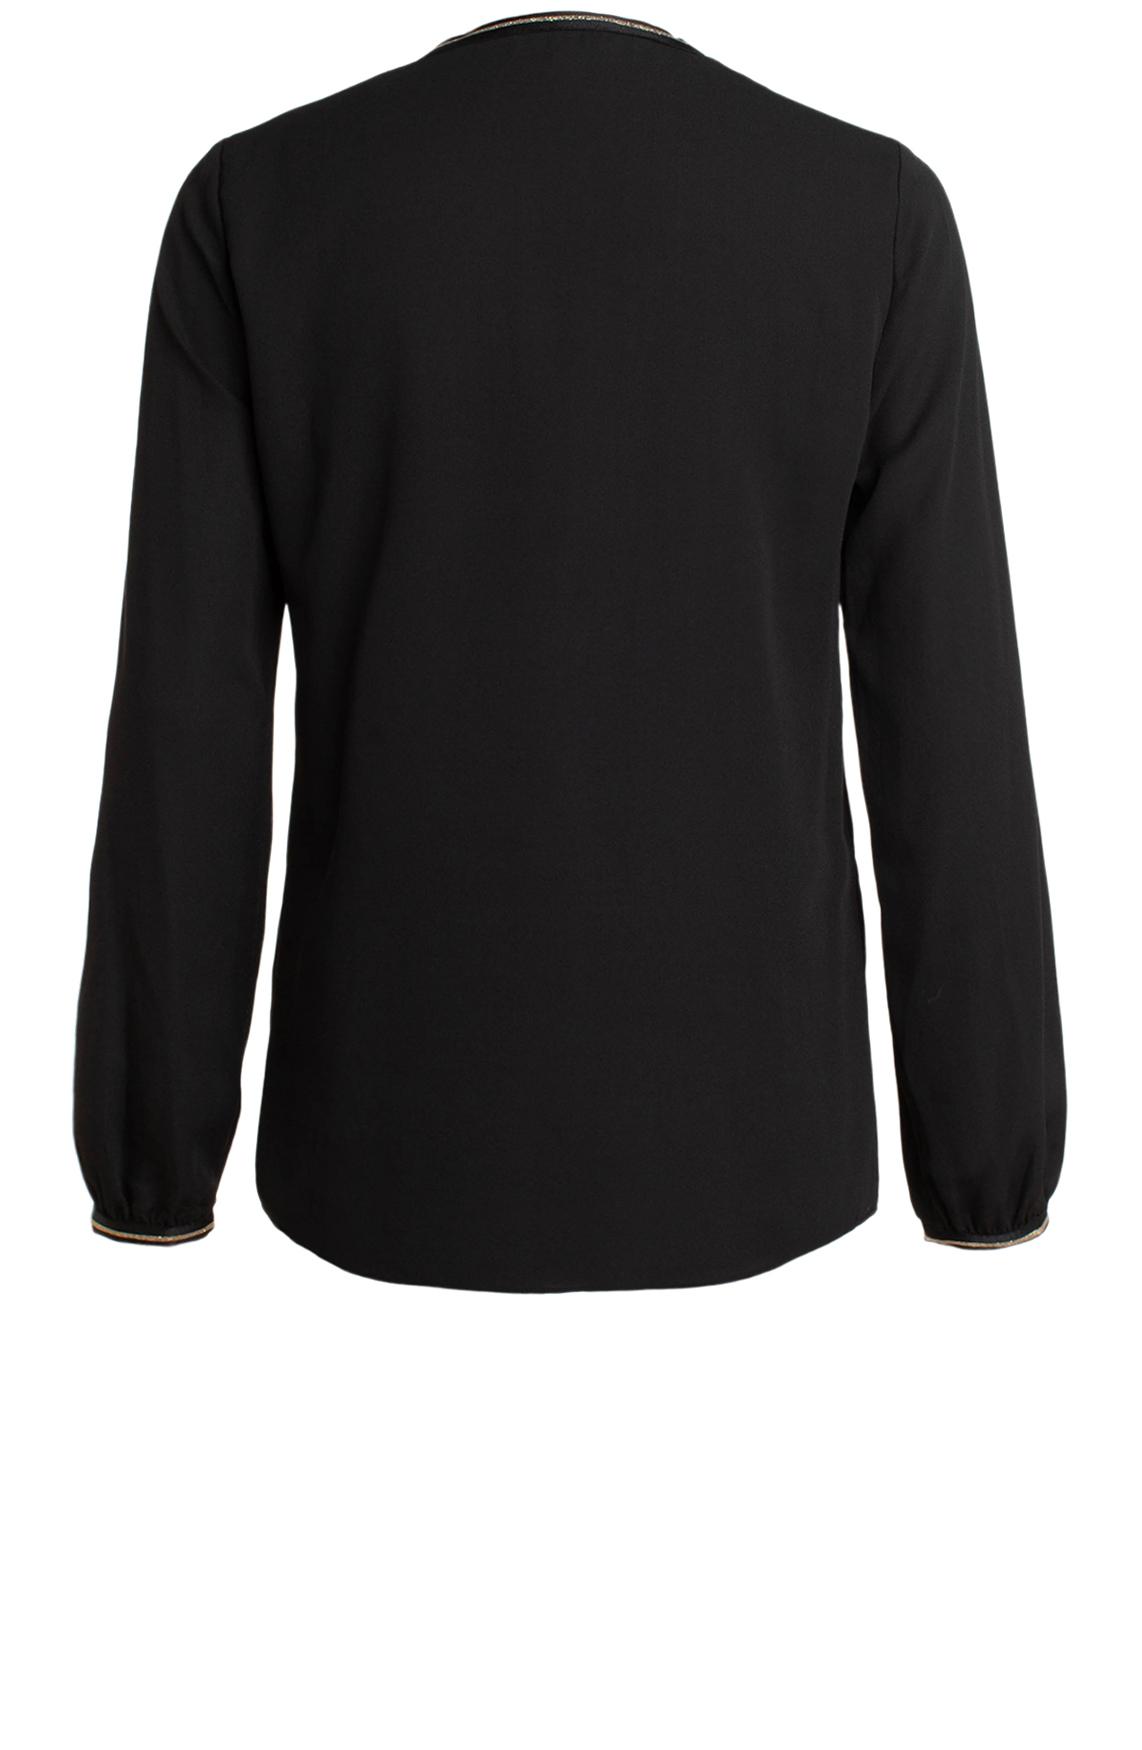 Kocca Dames Betsey blouse zwart